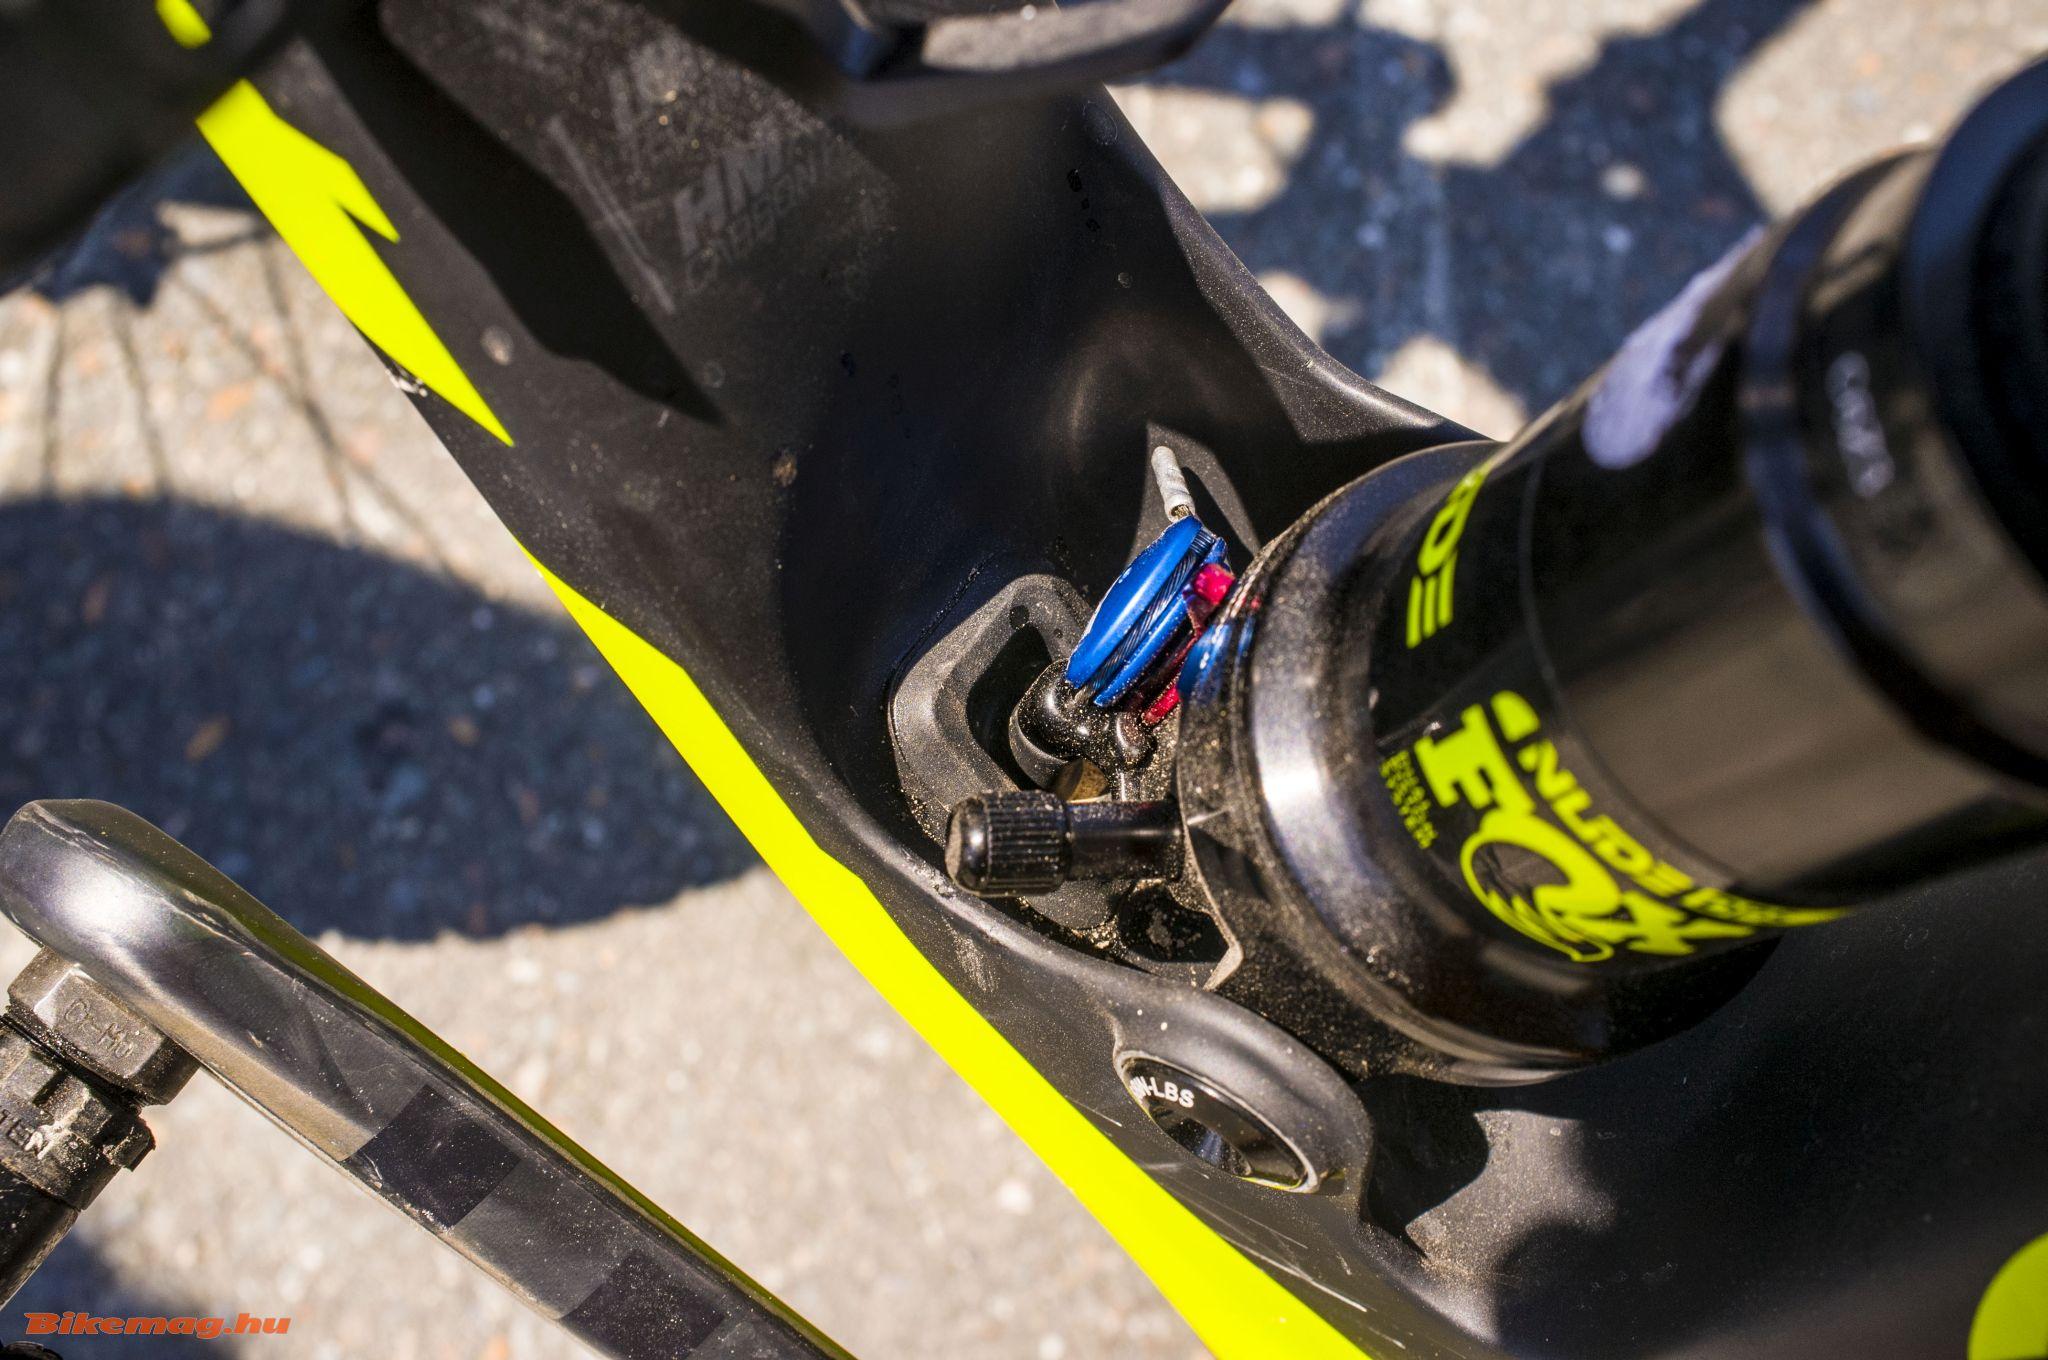 Scott Spark 900 RC World Cup - Trunnion mount és a lockout kábel csatlakozási pontja